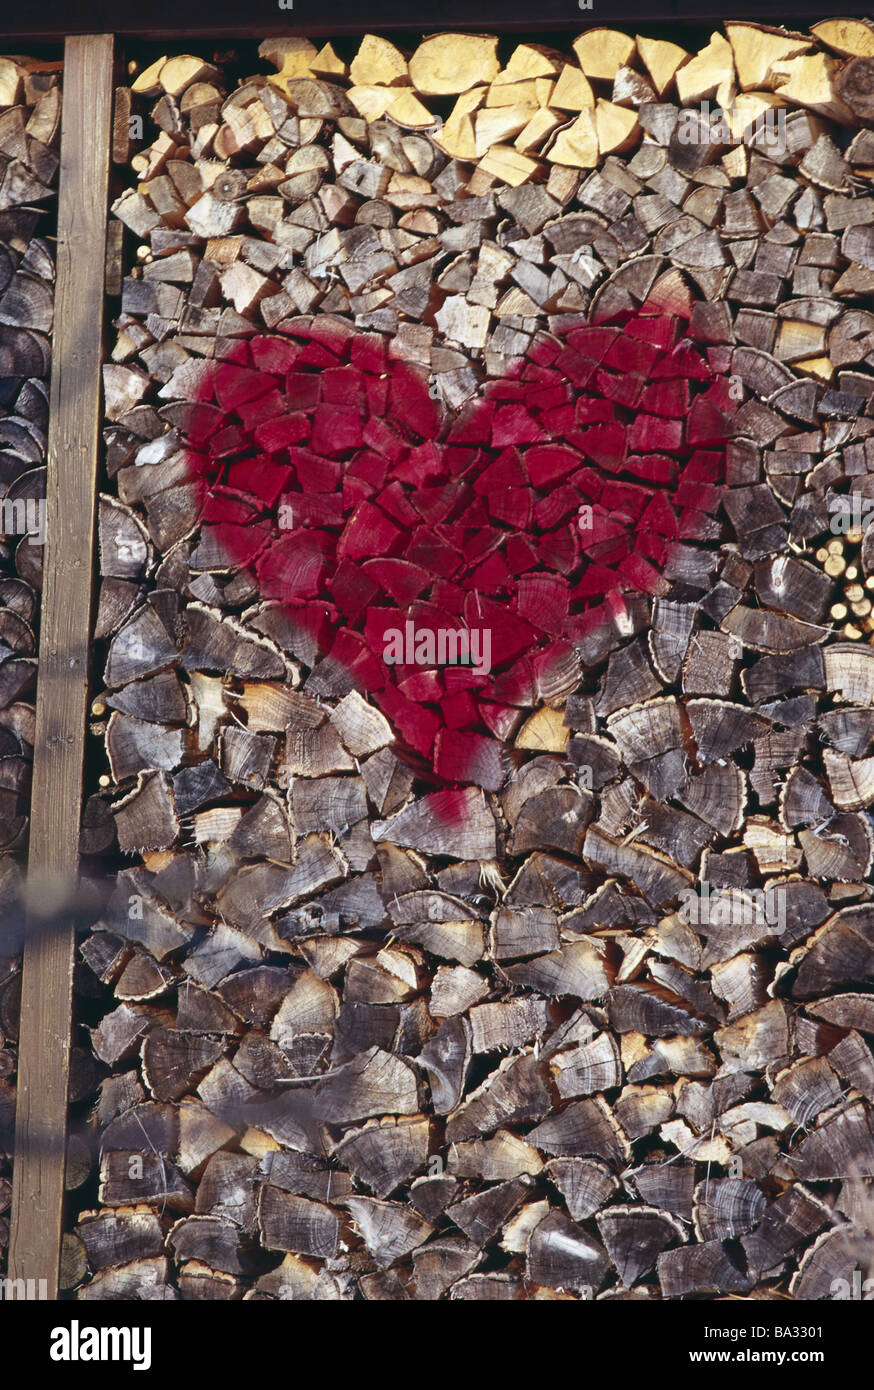 Detalle delantero Woodpiles corazón rojo madera aufgesprüht-push materia prima de energía alternativa LEÑA LEÑA LEÑA de madera registro registros Foto de stock